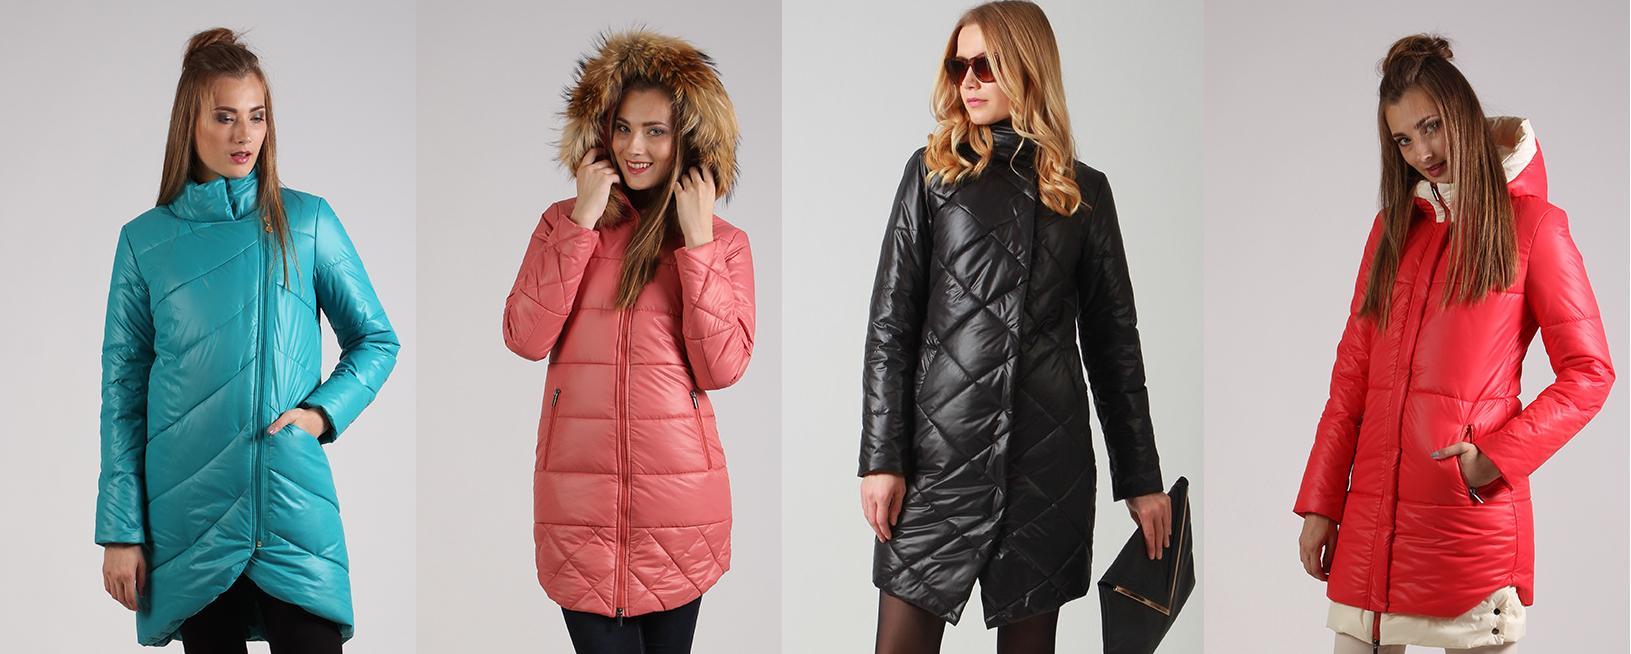 ТwinТiр - 50. Стильные модели осенней и зимней коллекций верхней женской одежды белорусского производителя. Пальто, куртки, парки. Распродажа! Большой выбор! Без рядов!